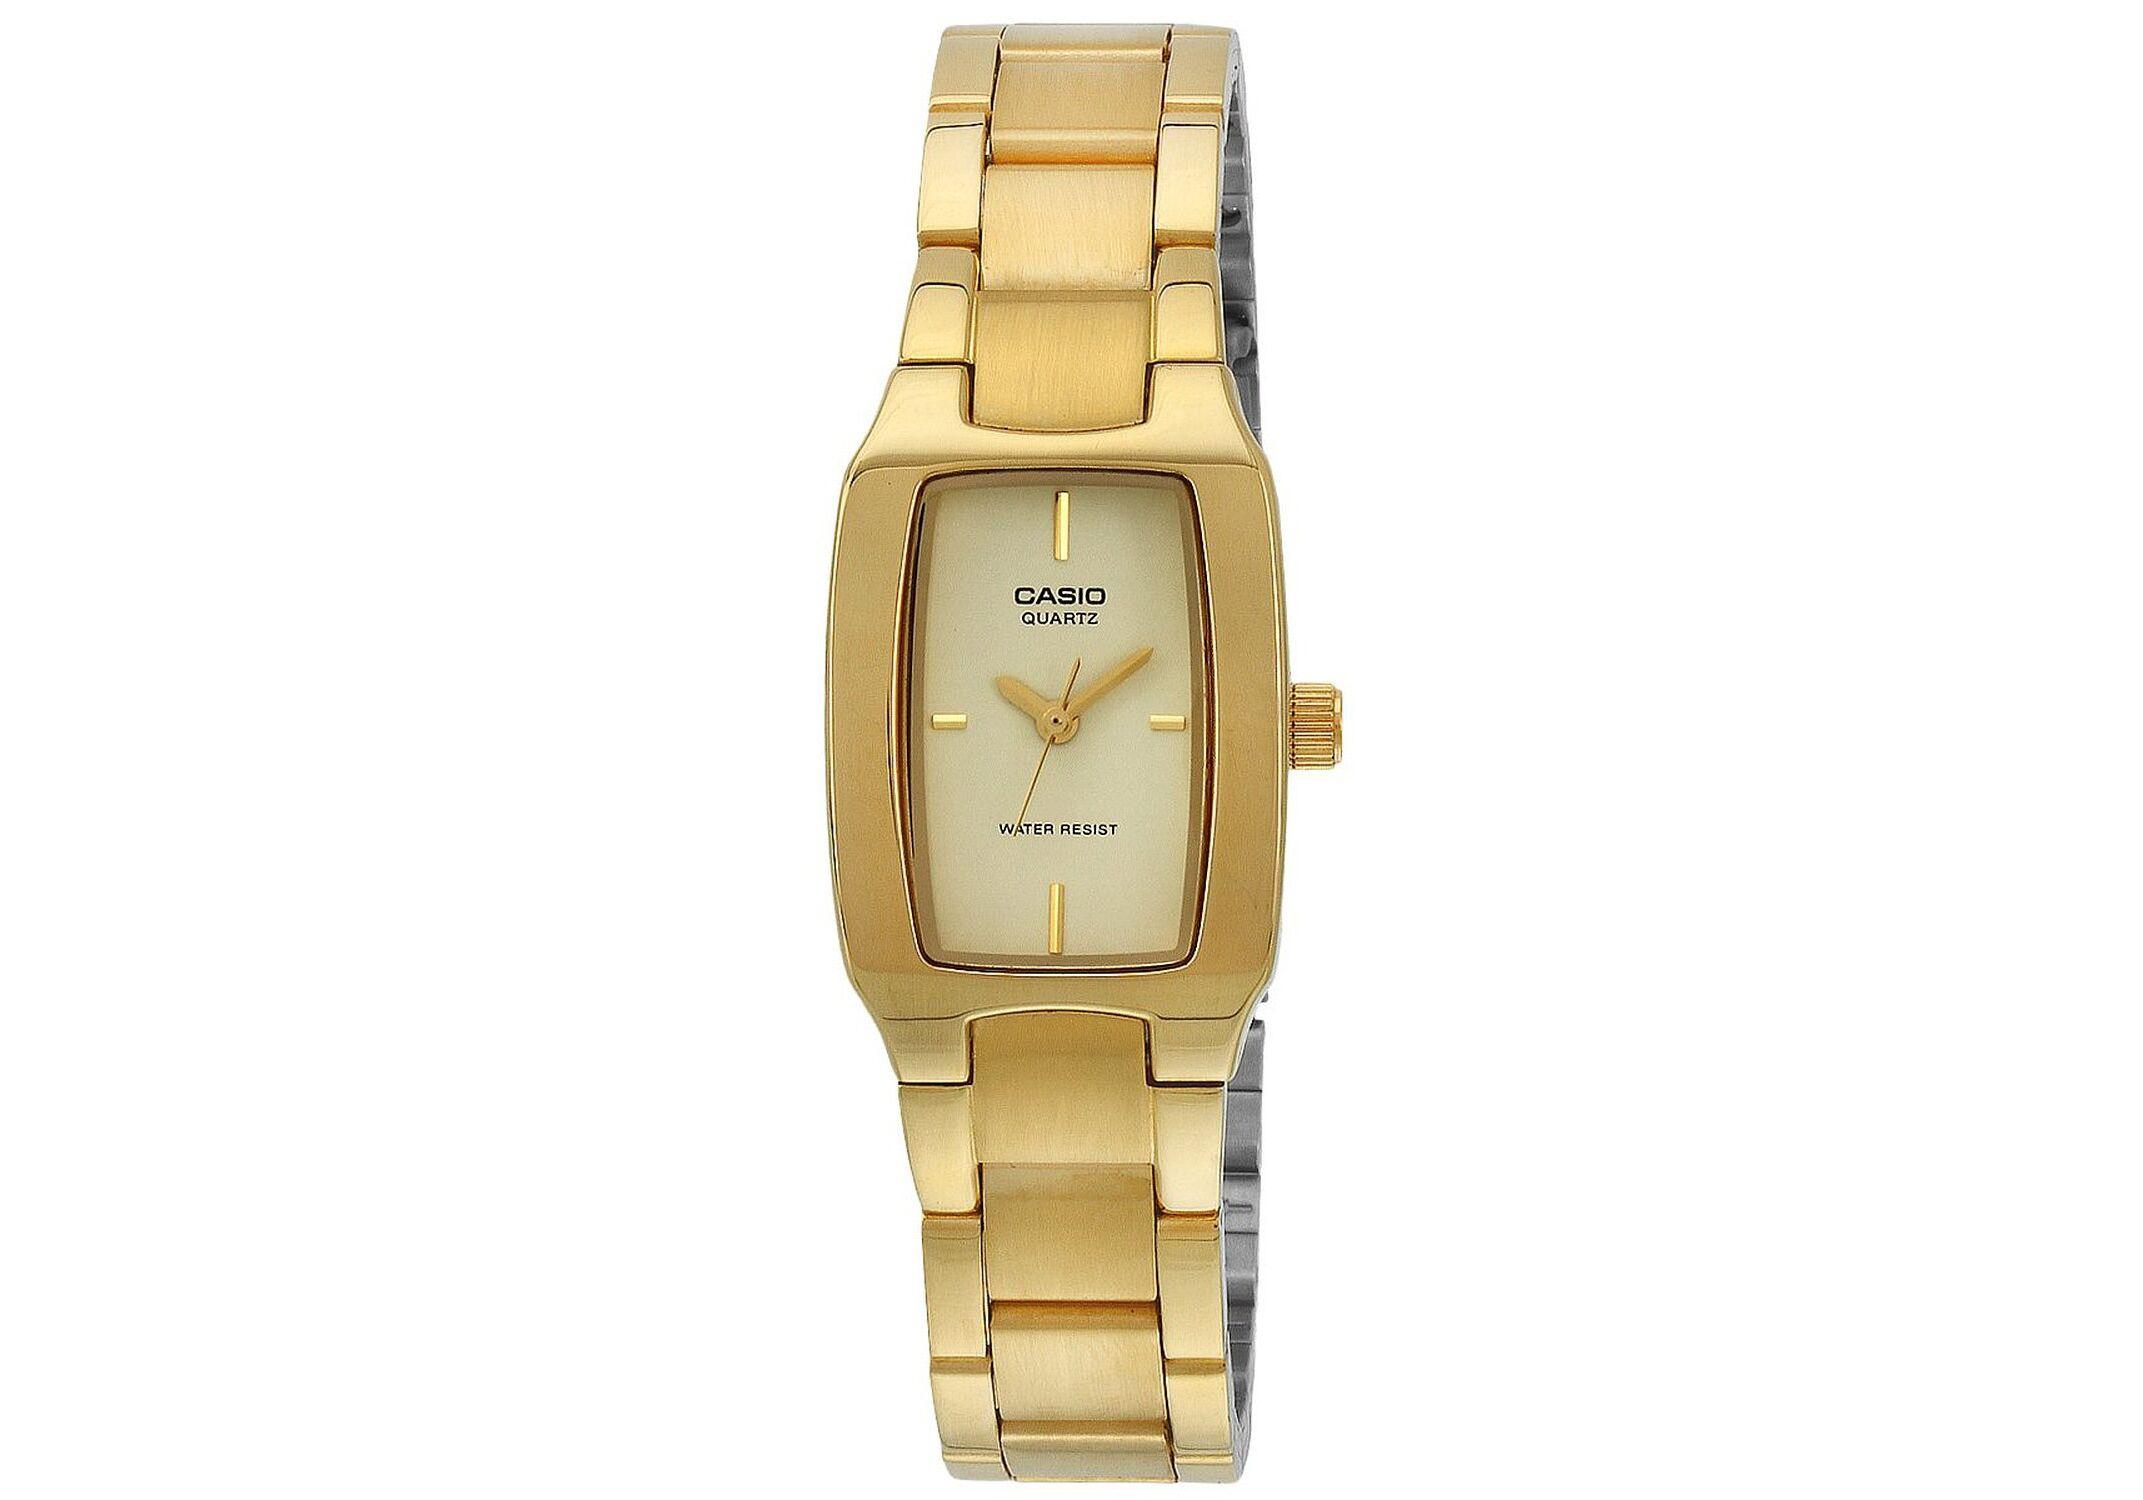 7ac948a4 Женские часы CASIO LTP-1165N-9CRDF - купить по цене 1700 в грн в ...